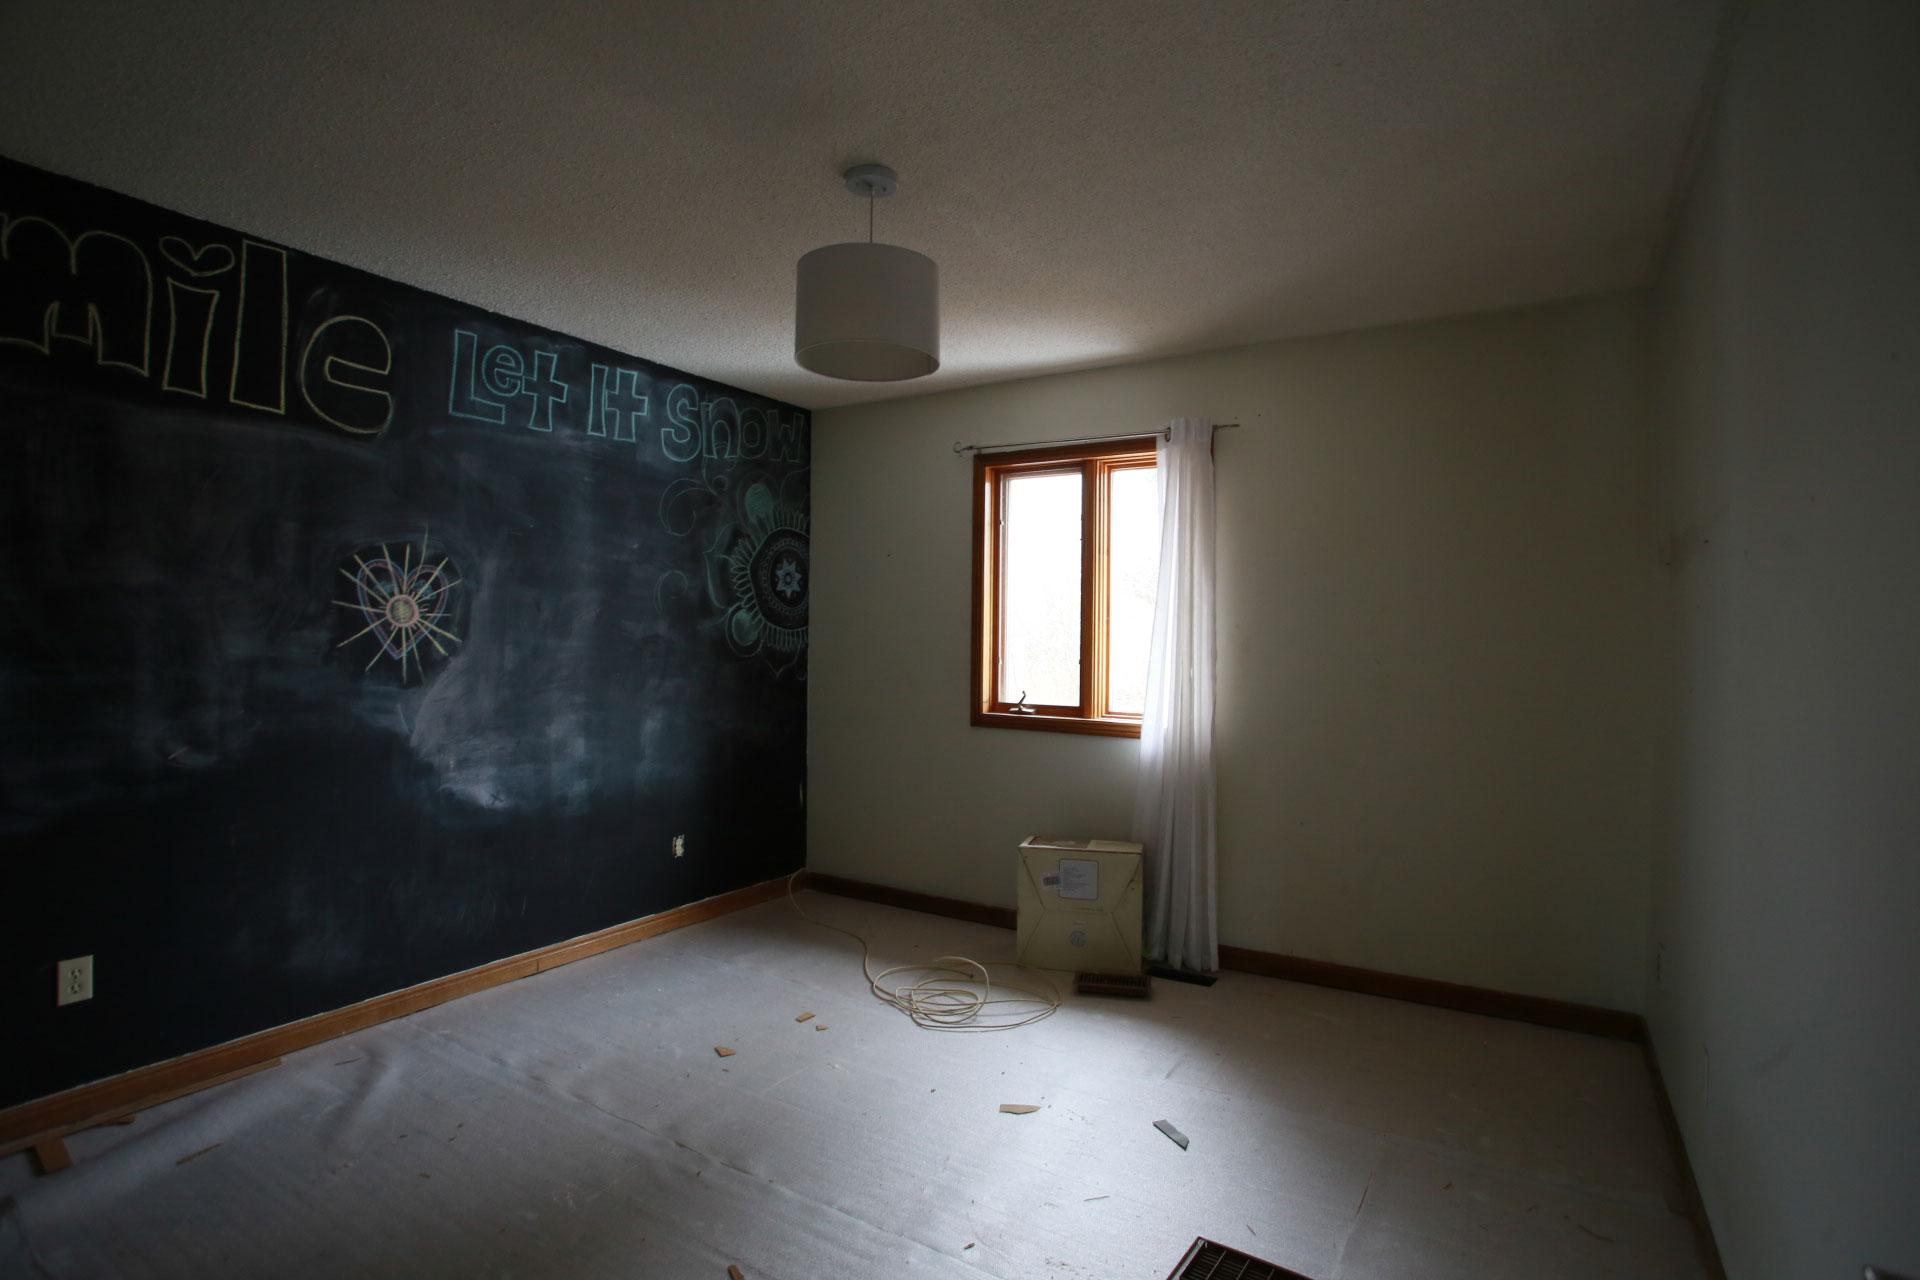 Bedroom - Centennial - Before Renovation